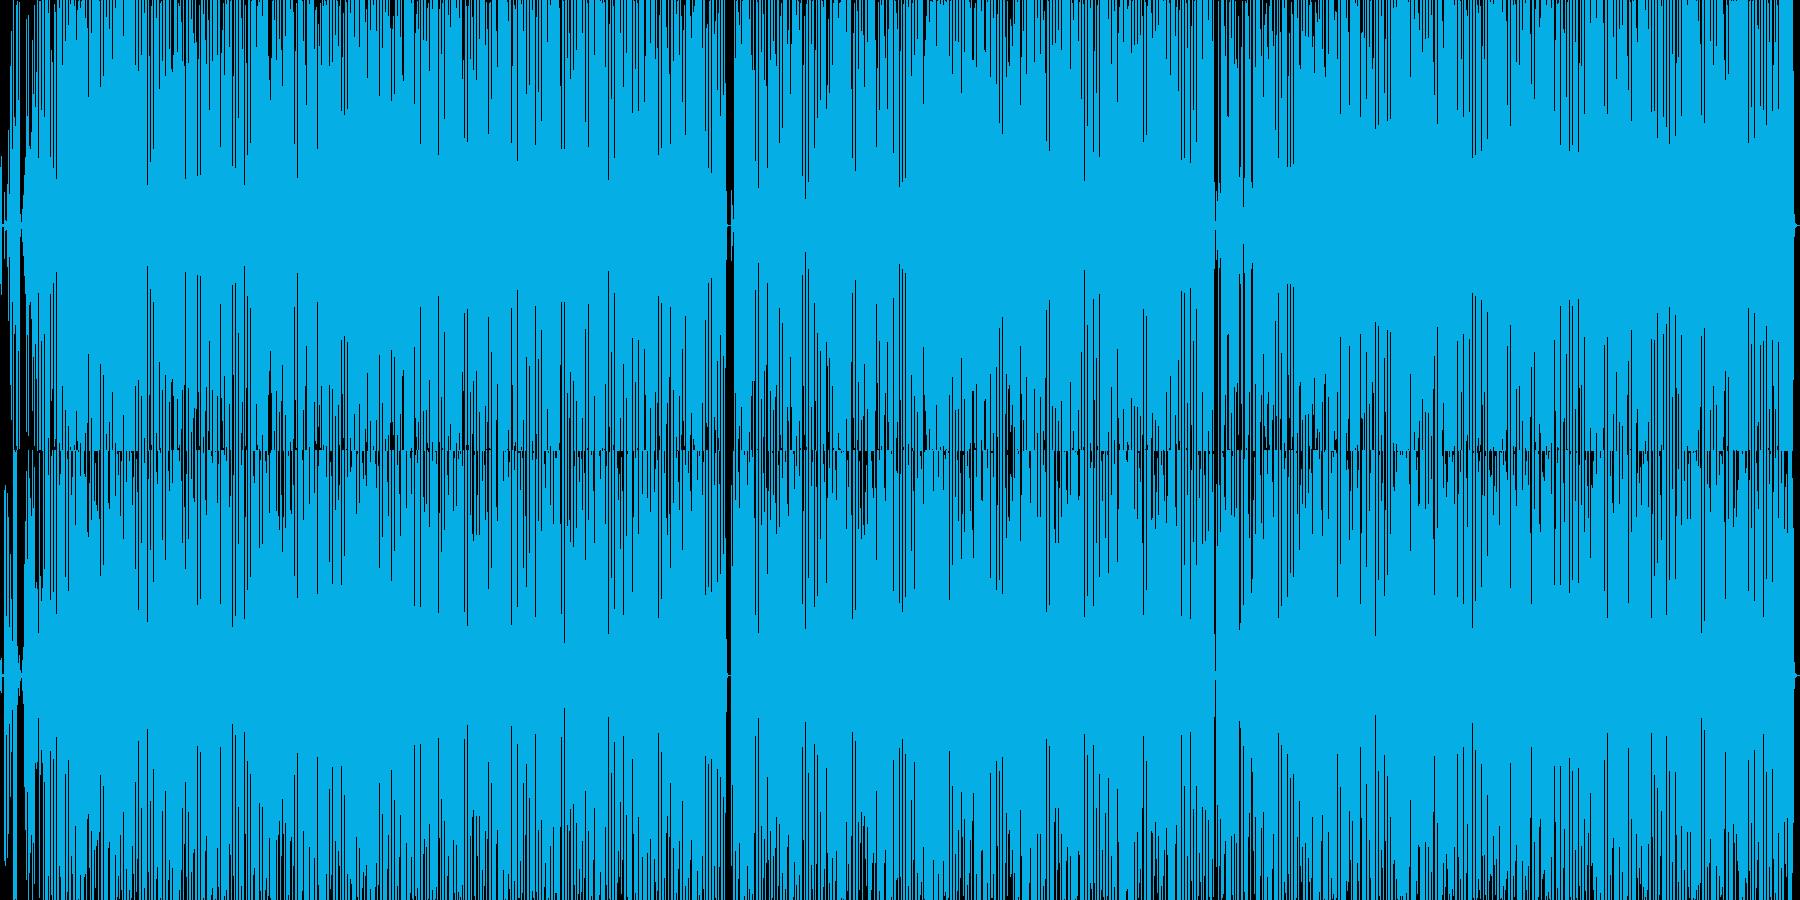 明るいヒップホップ風のポップBGMの再生済みの波形